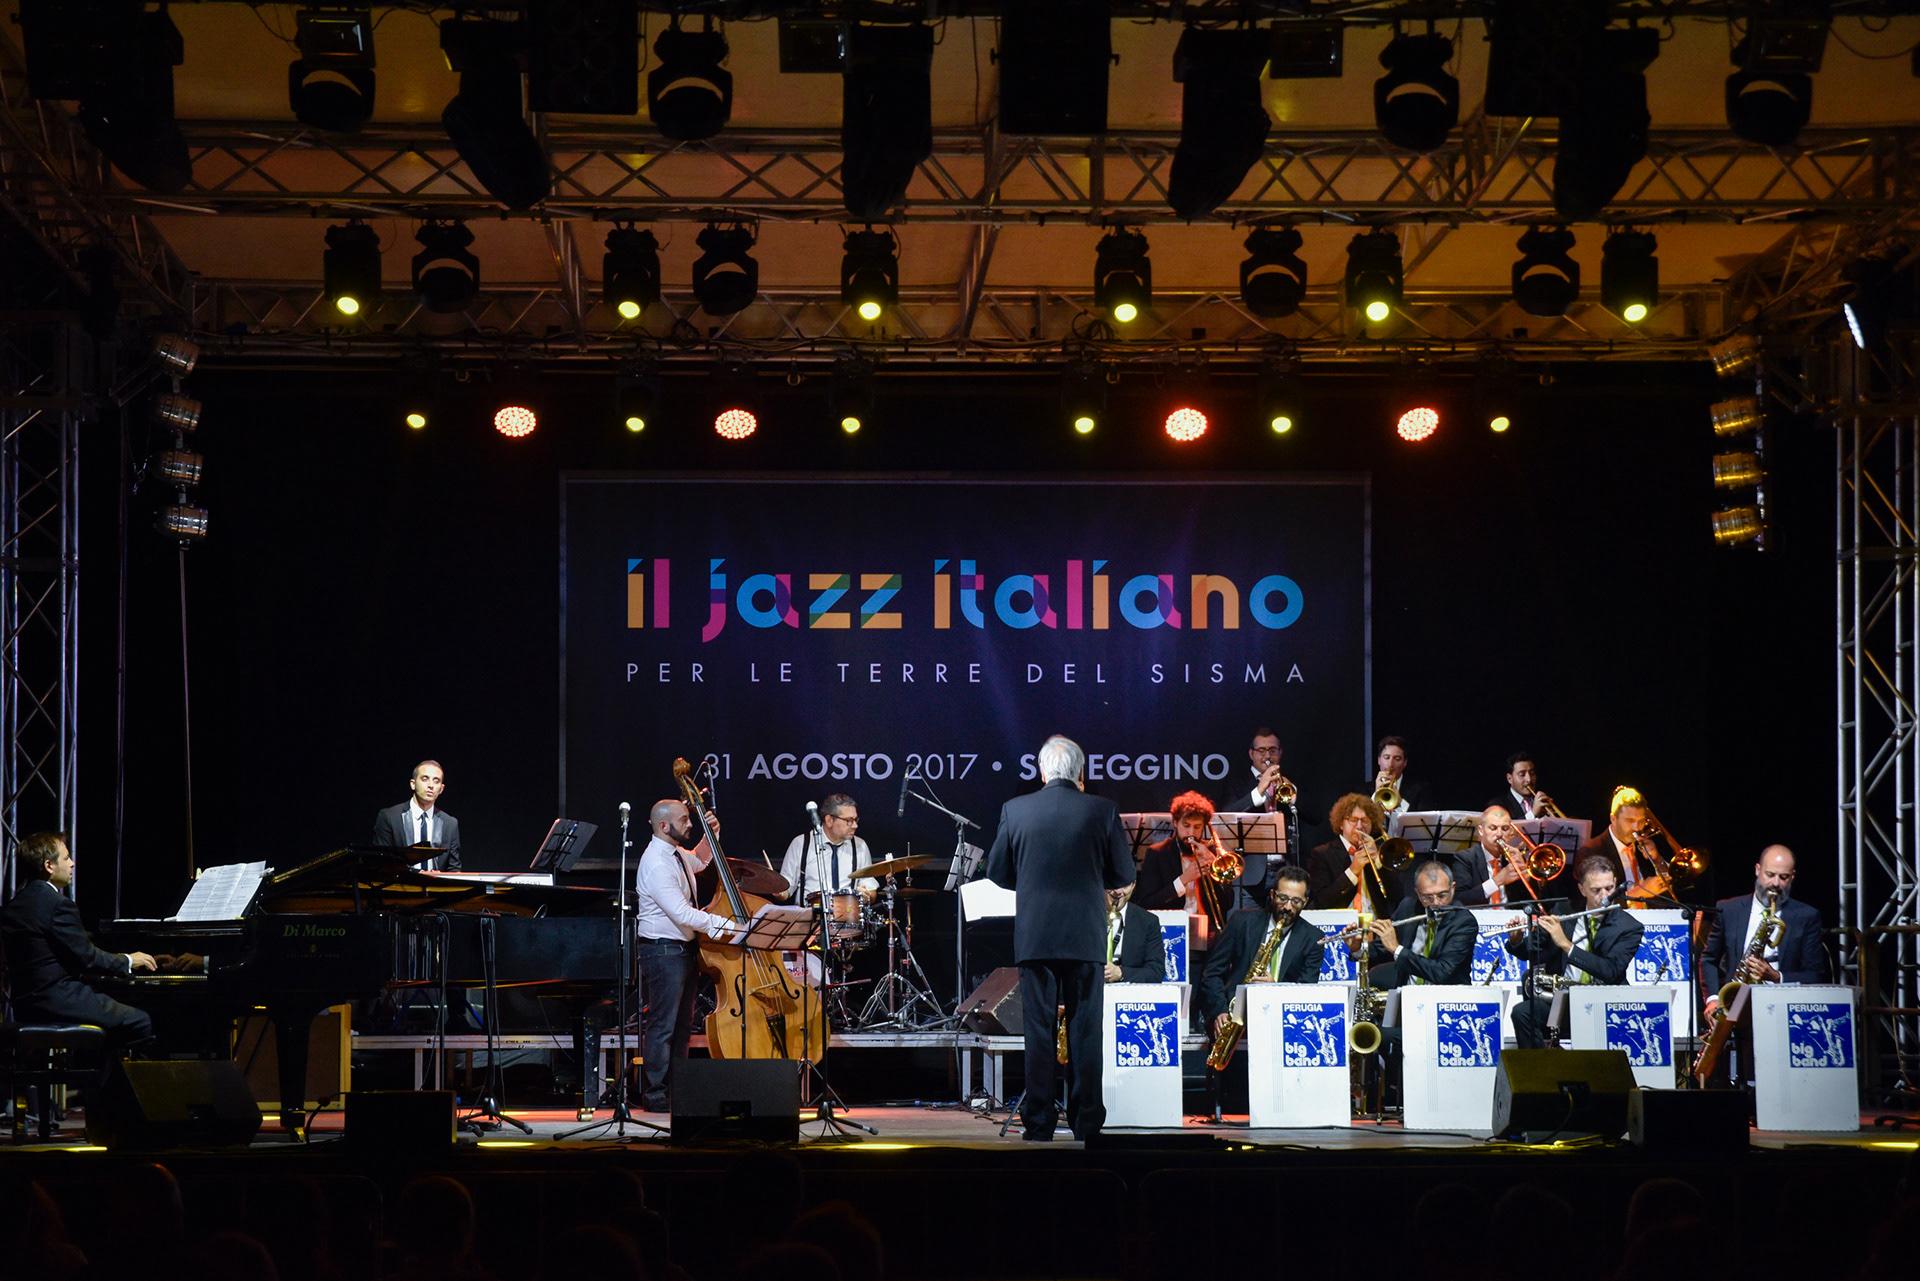 Perugia-Big-Band-Scheggino-il-jazz-italiano-per-le-terre-del-sisma-02